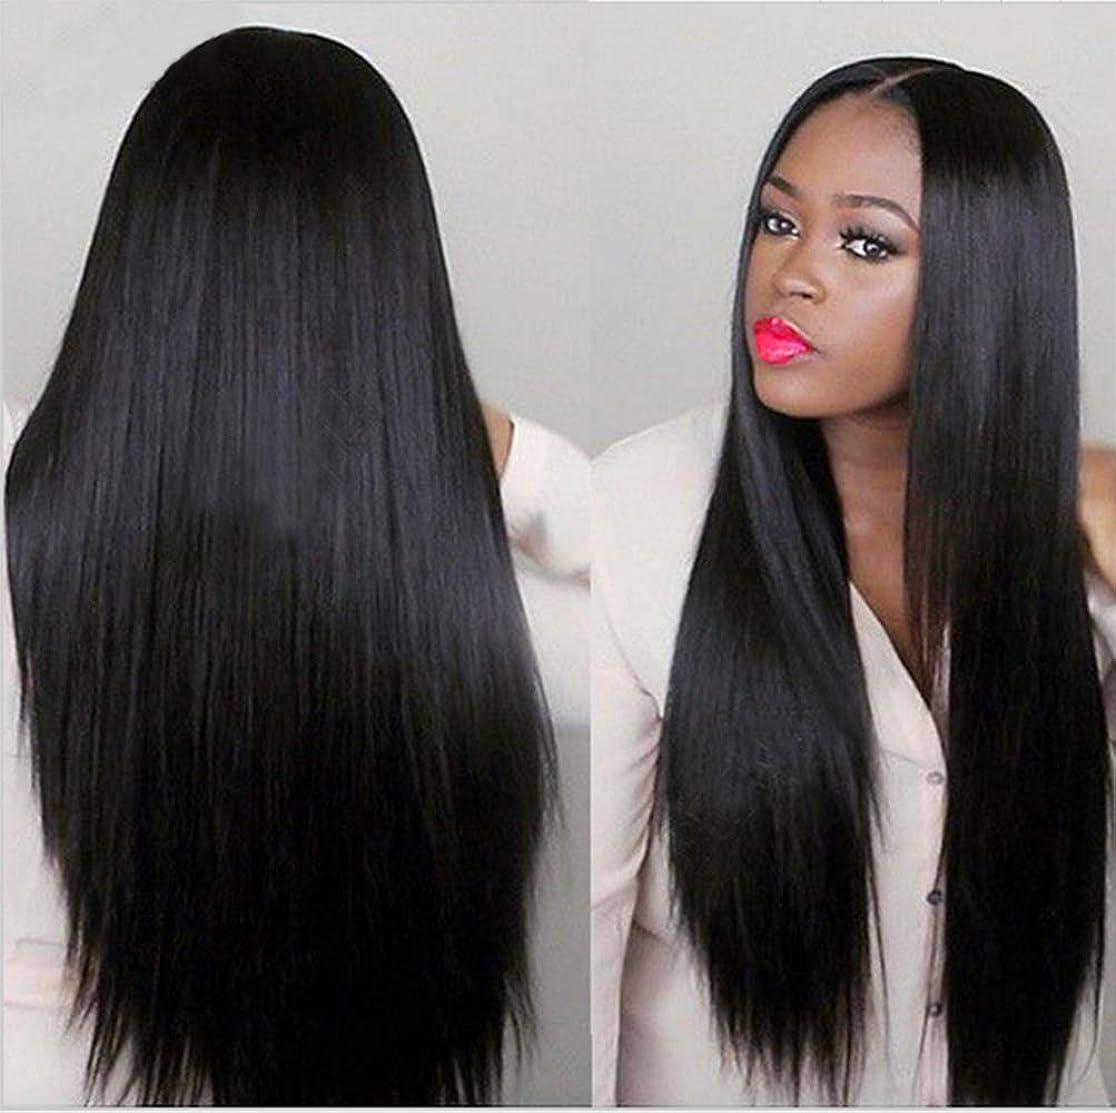 あなたが良くなります愛情深い配分ブラジルのバージンヘアストレート100%未処理の人間の髪の毛ストレート100%の本物の人間の髪の毛を編む女性の髪